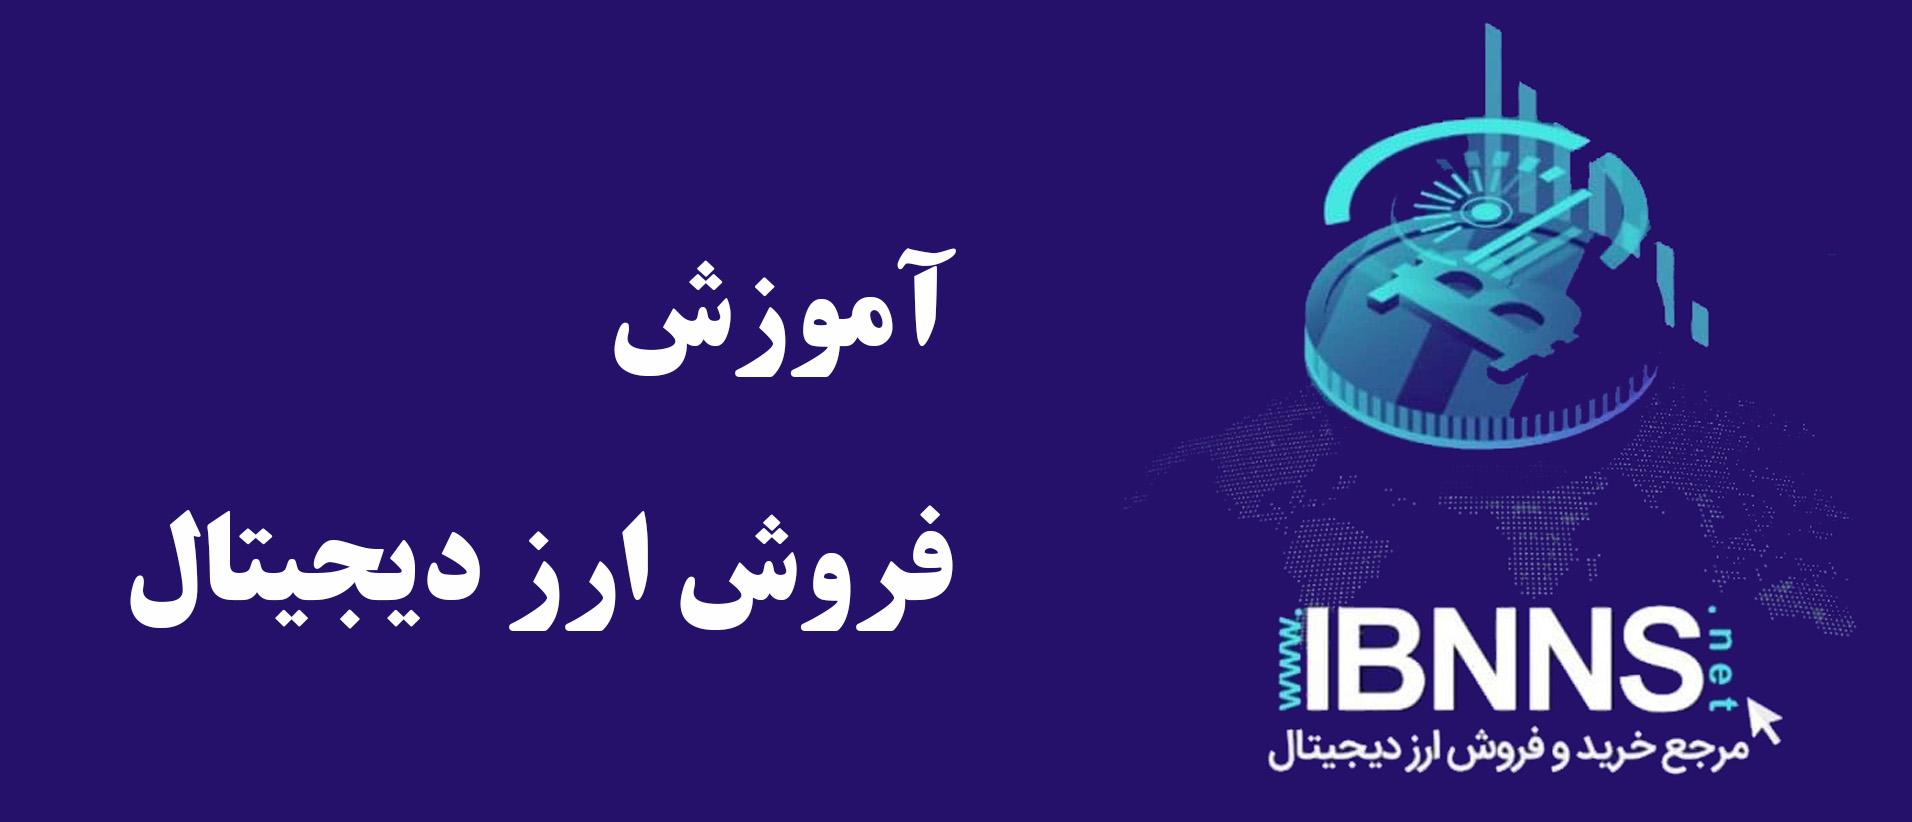 آموزش فروش ارز دیجیتال از صرافی ایران بایننس